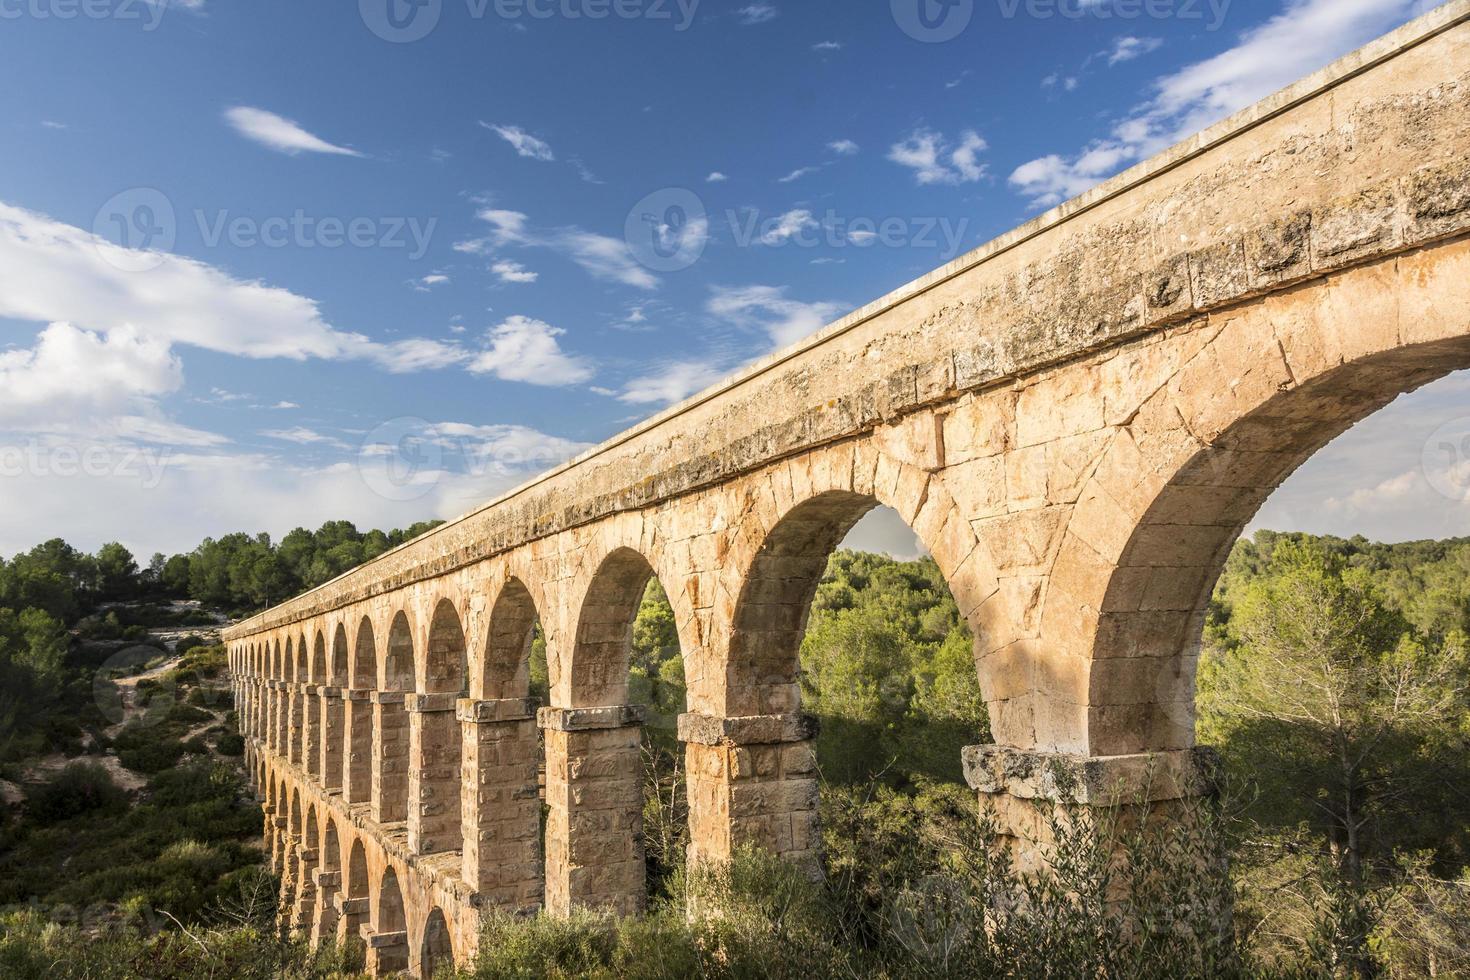 römisches Aquädukt pont del diable in Estragona foto